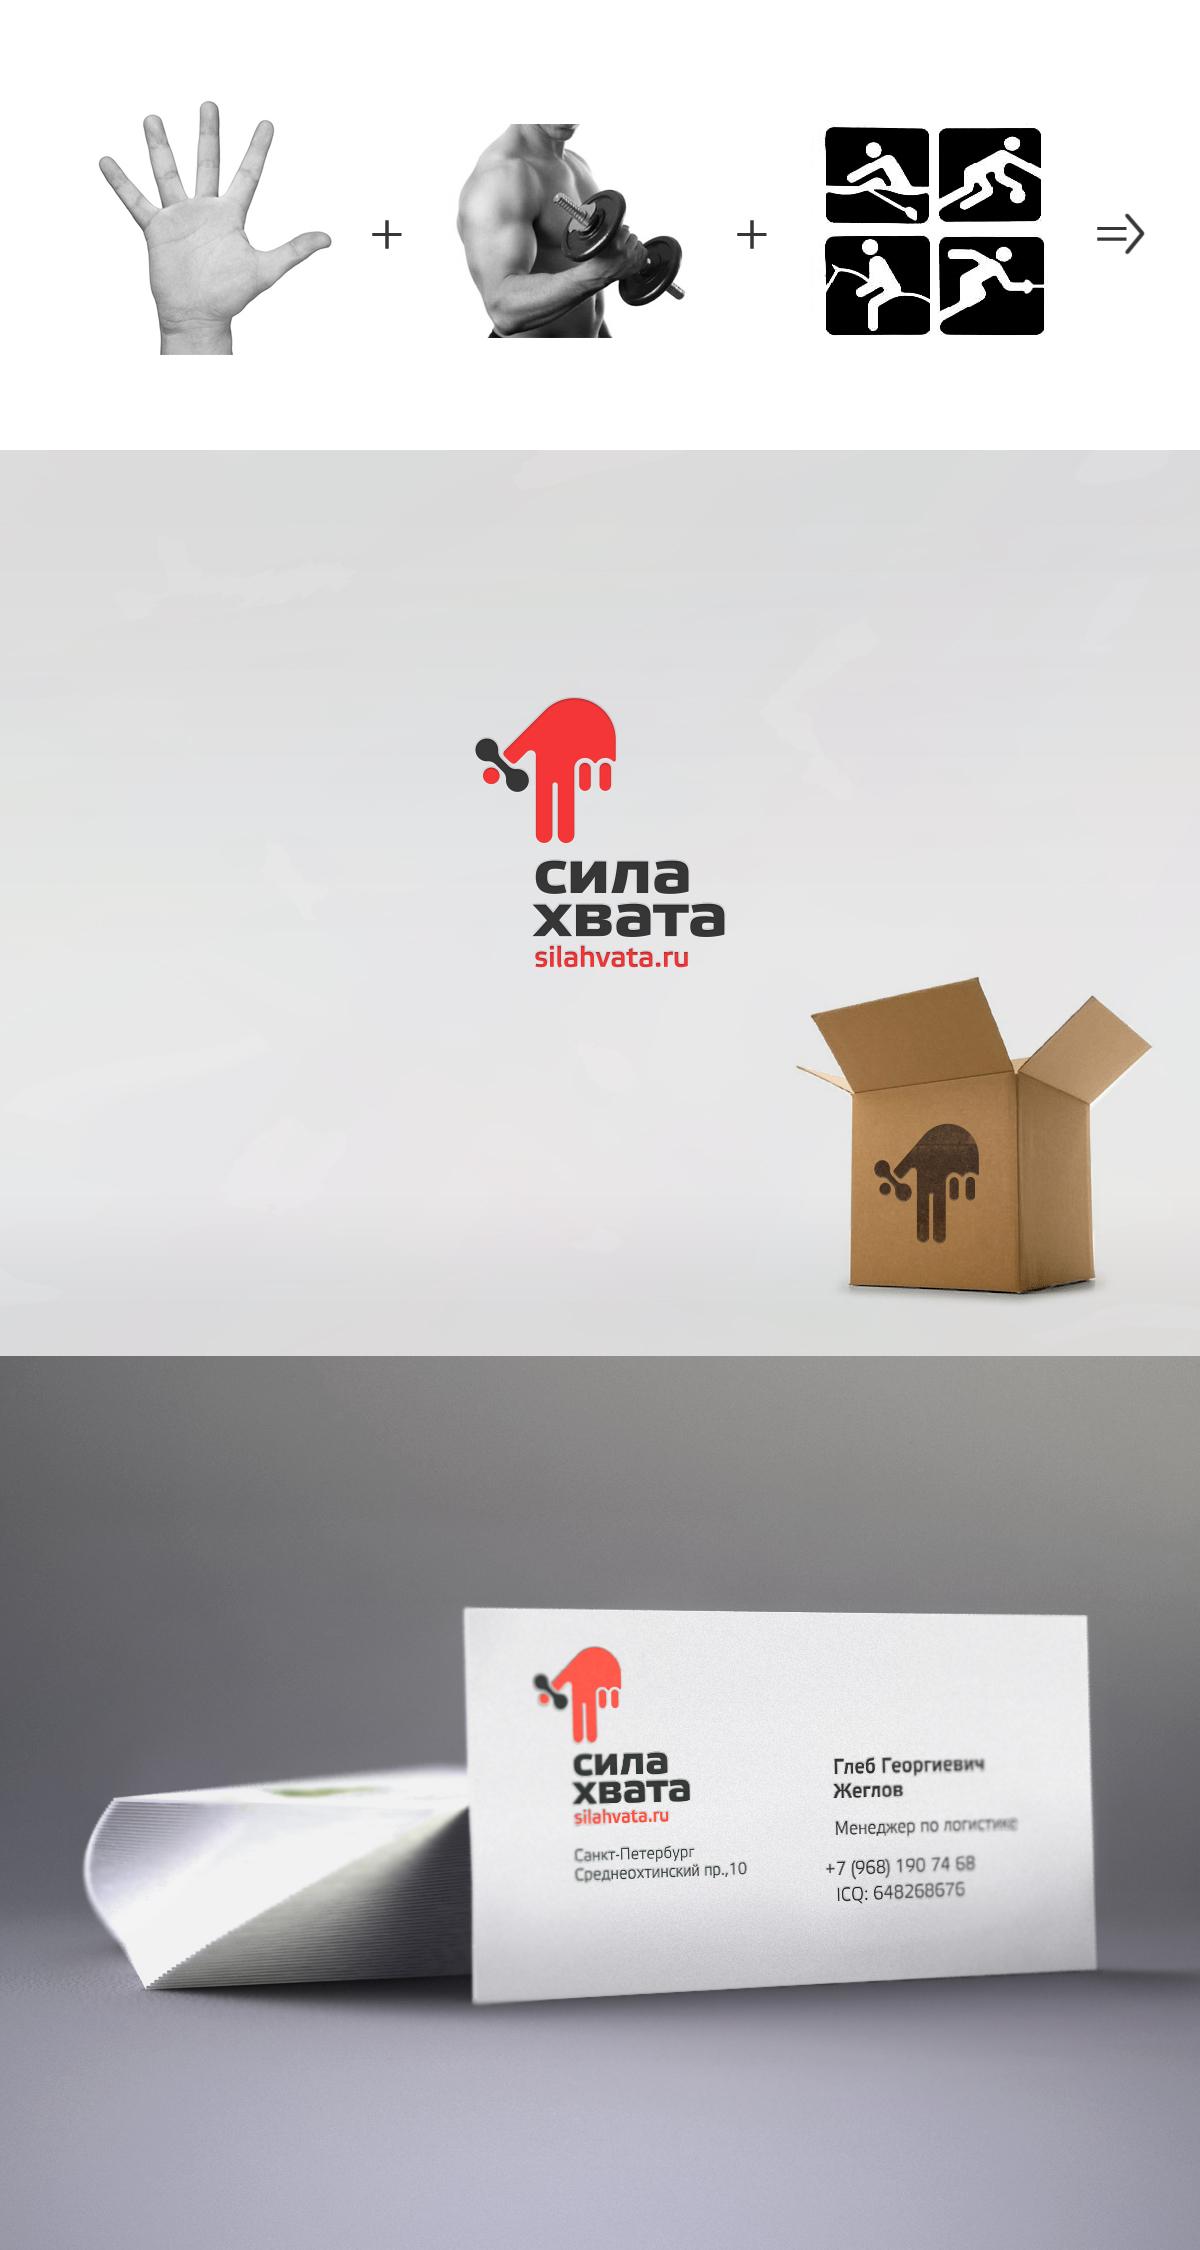 """Разработка логотипа и фирм. стиля для ИМ """"Сила хвата"""" фото f_0905113246c0bfe9.jpg"""